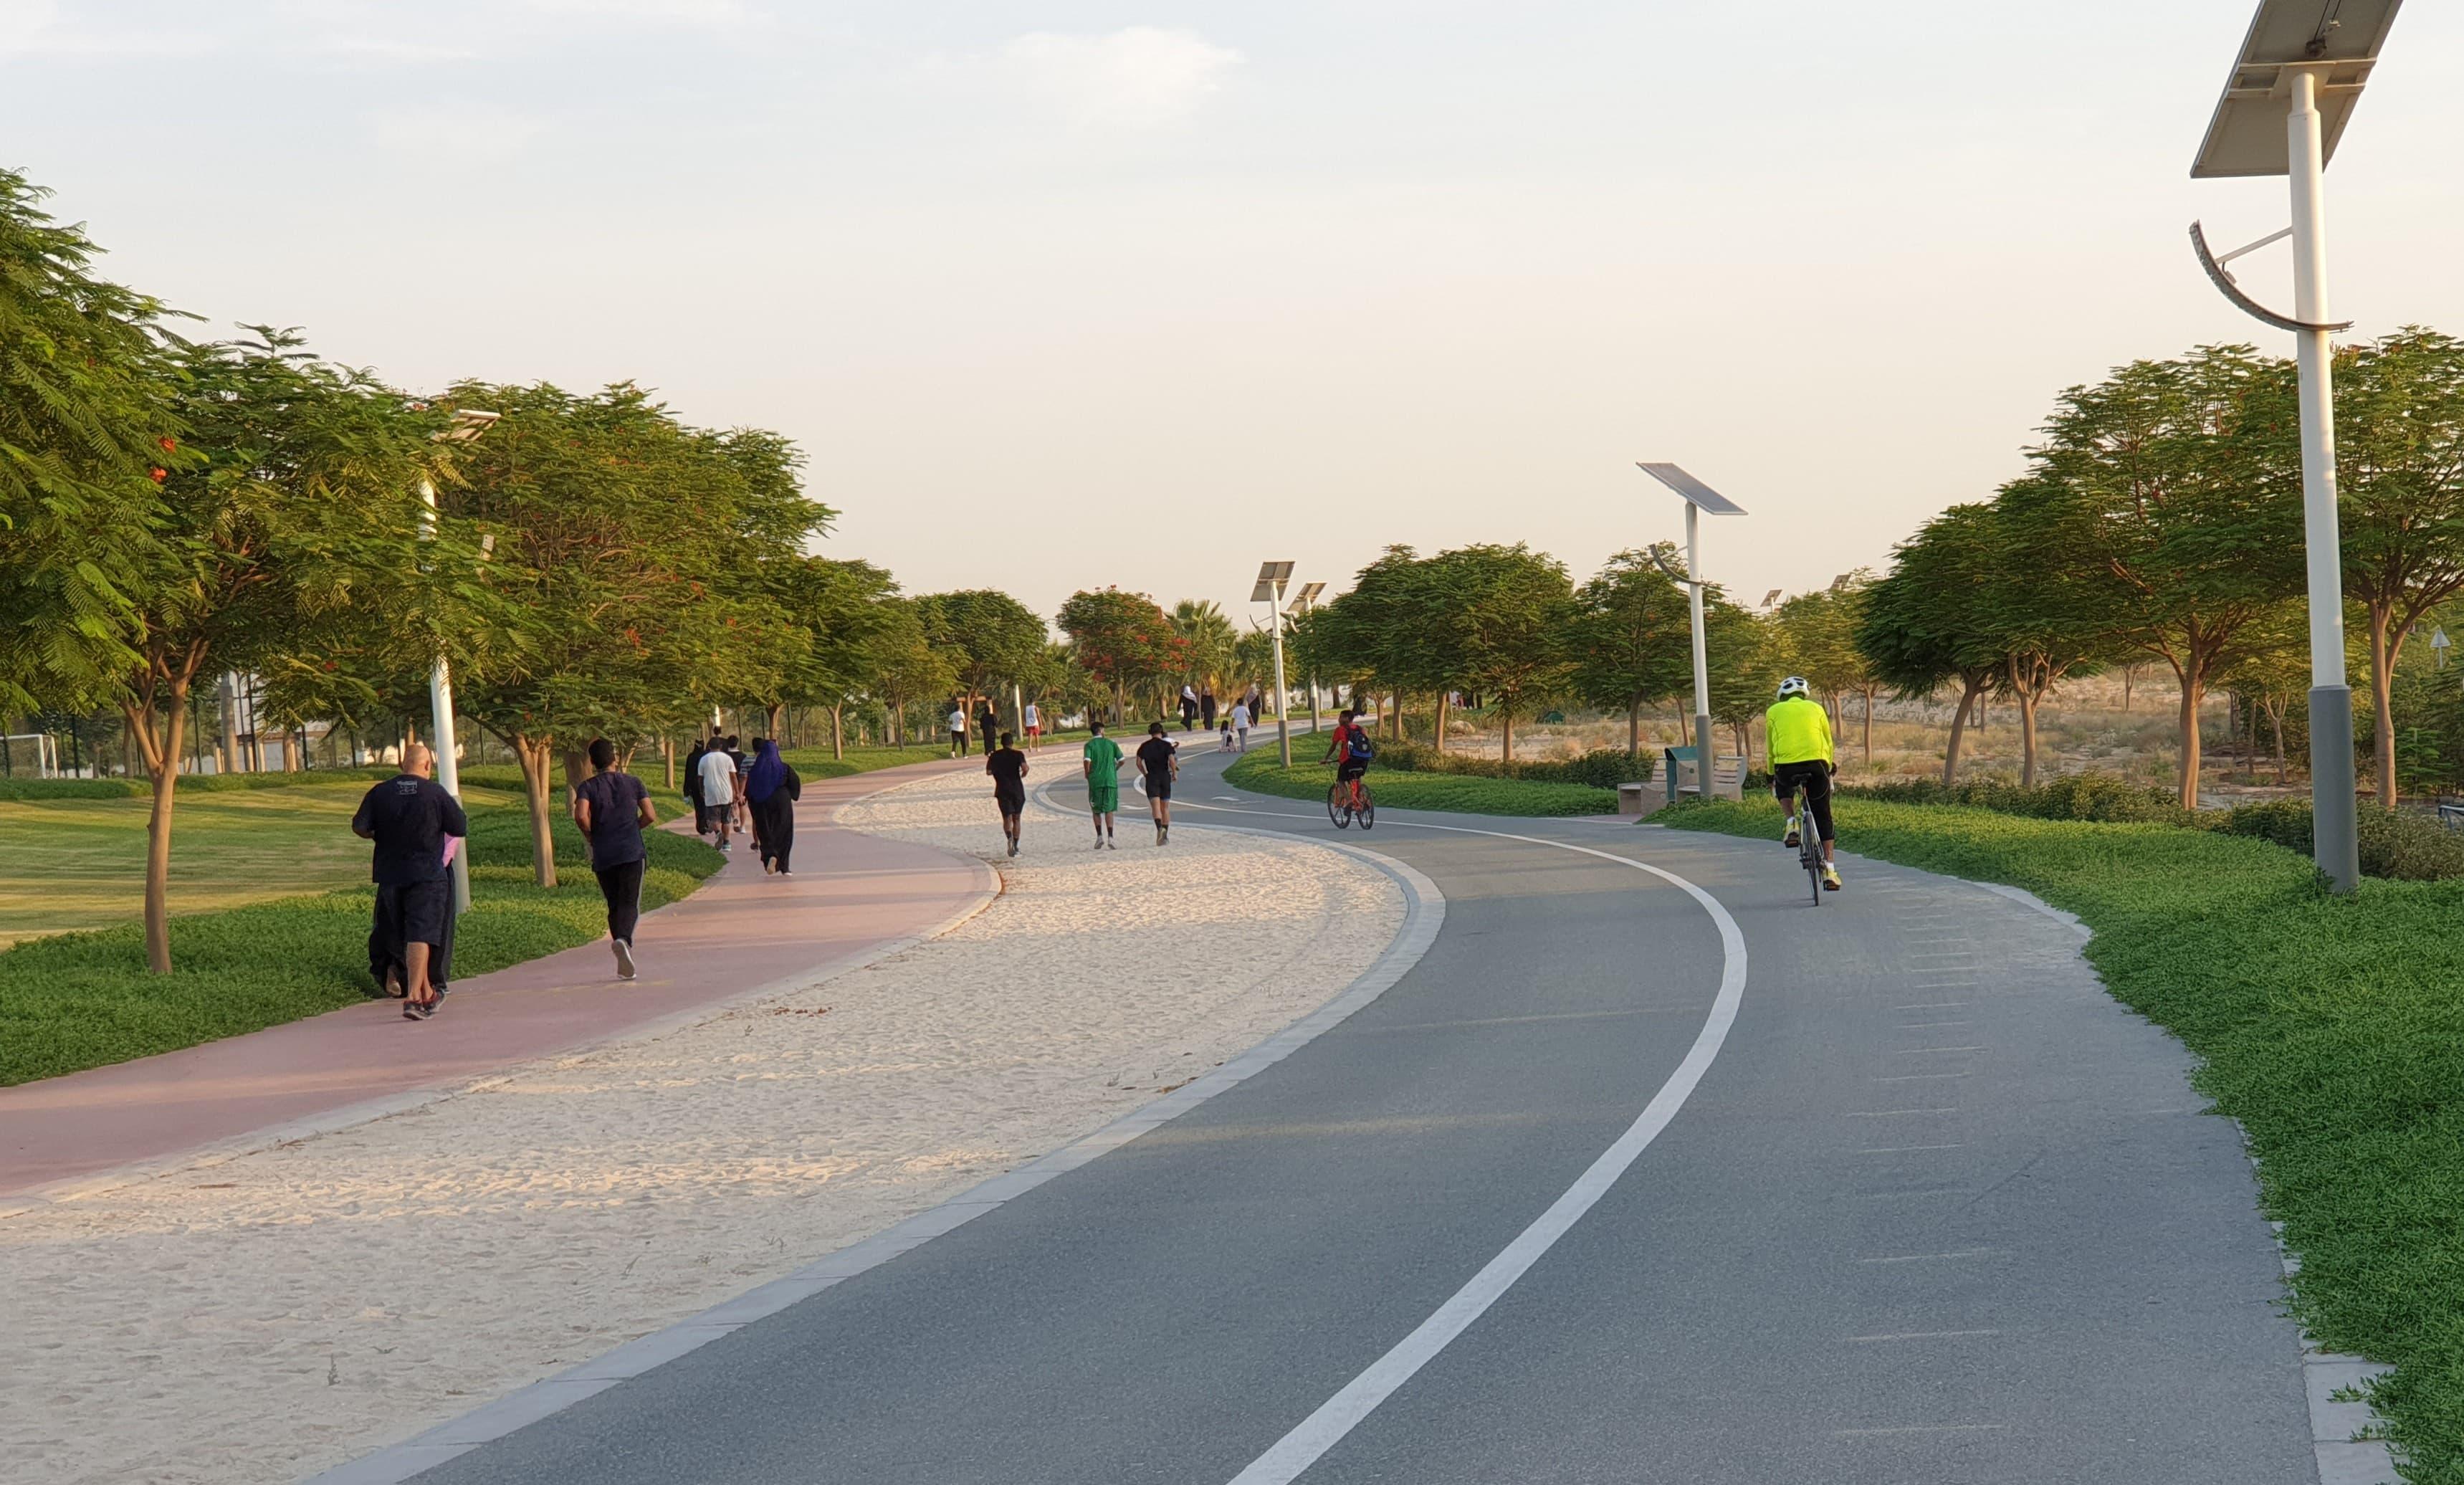 حیرت انگیز طور پر پارکوں کے گرد اور سڑکوں پر واک اور سائیکلنگ کرنے والوں کی تعداد عام دنوں کے مقابلے میں دُگنی ہوچکی تھی